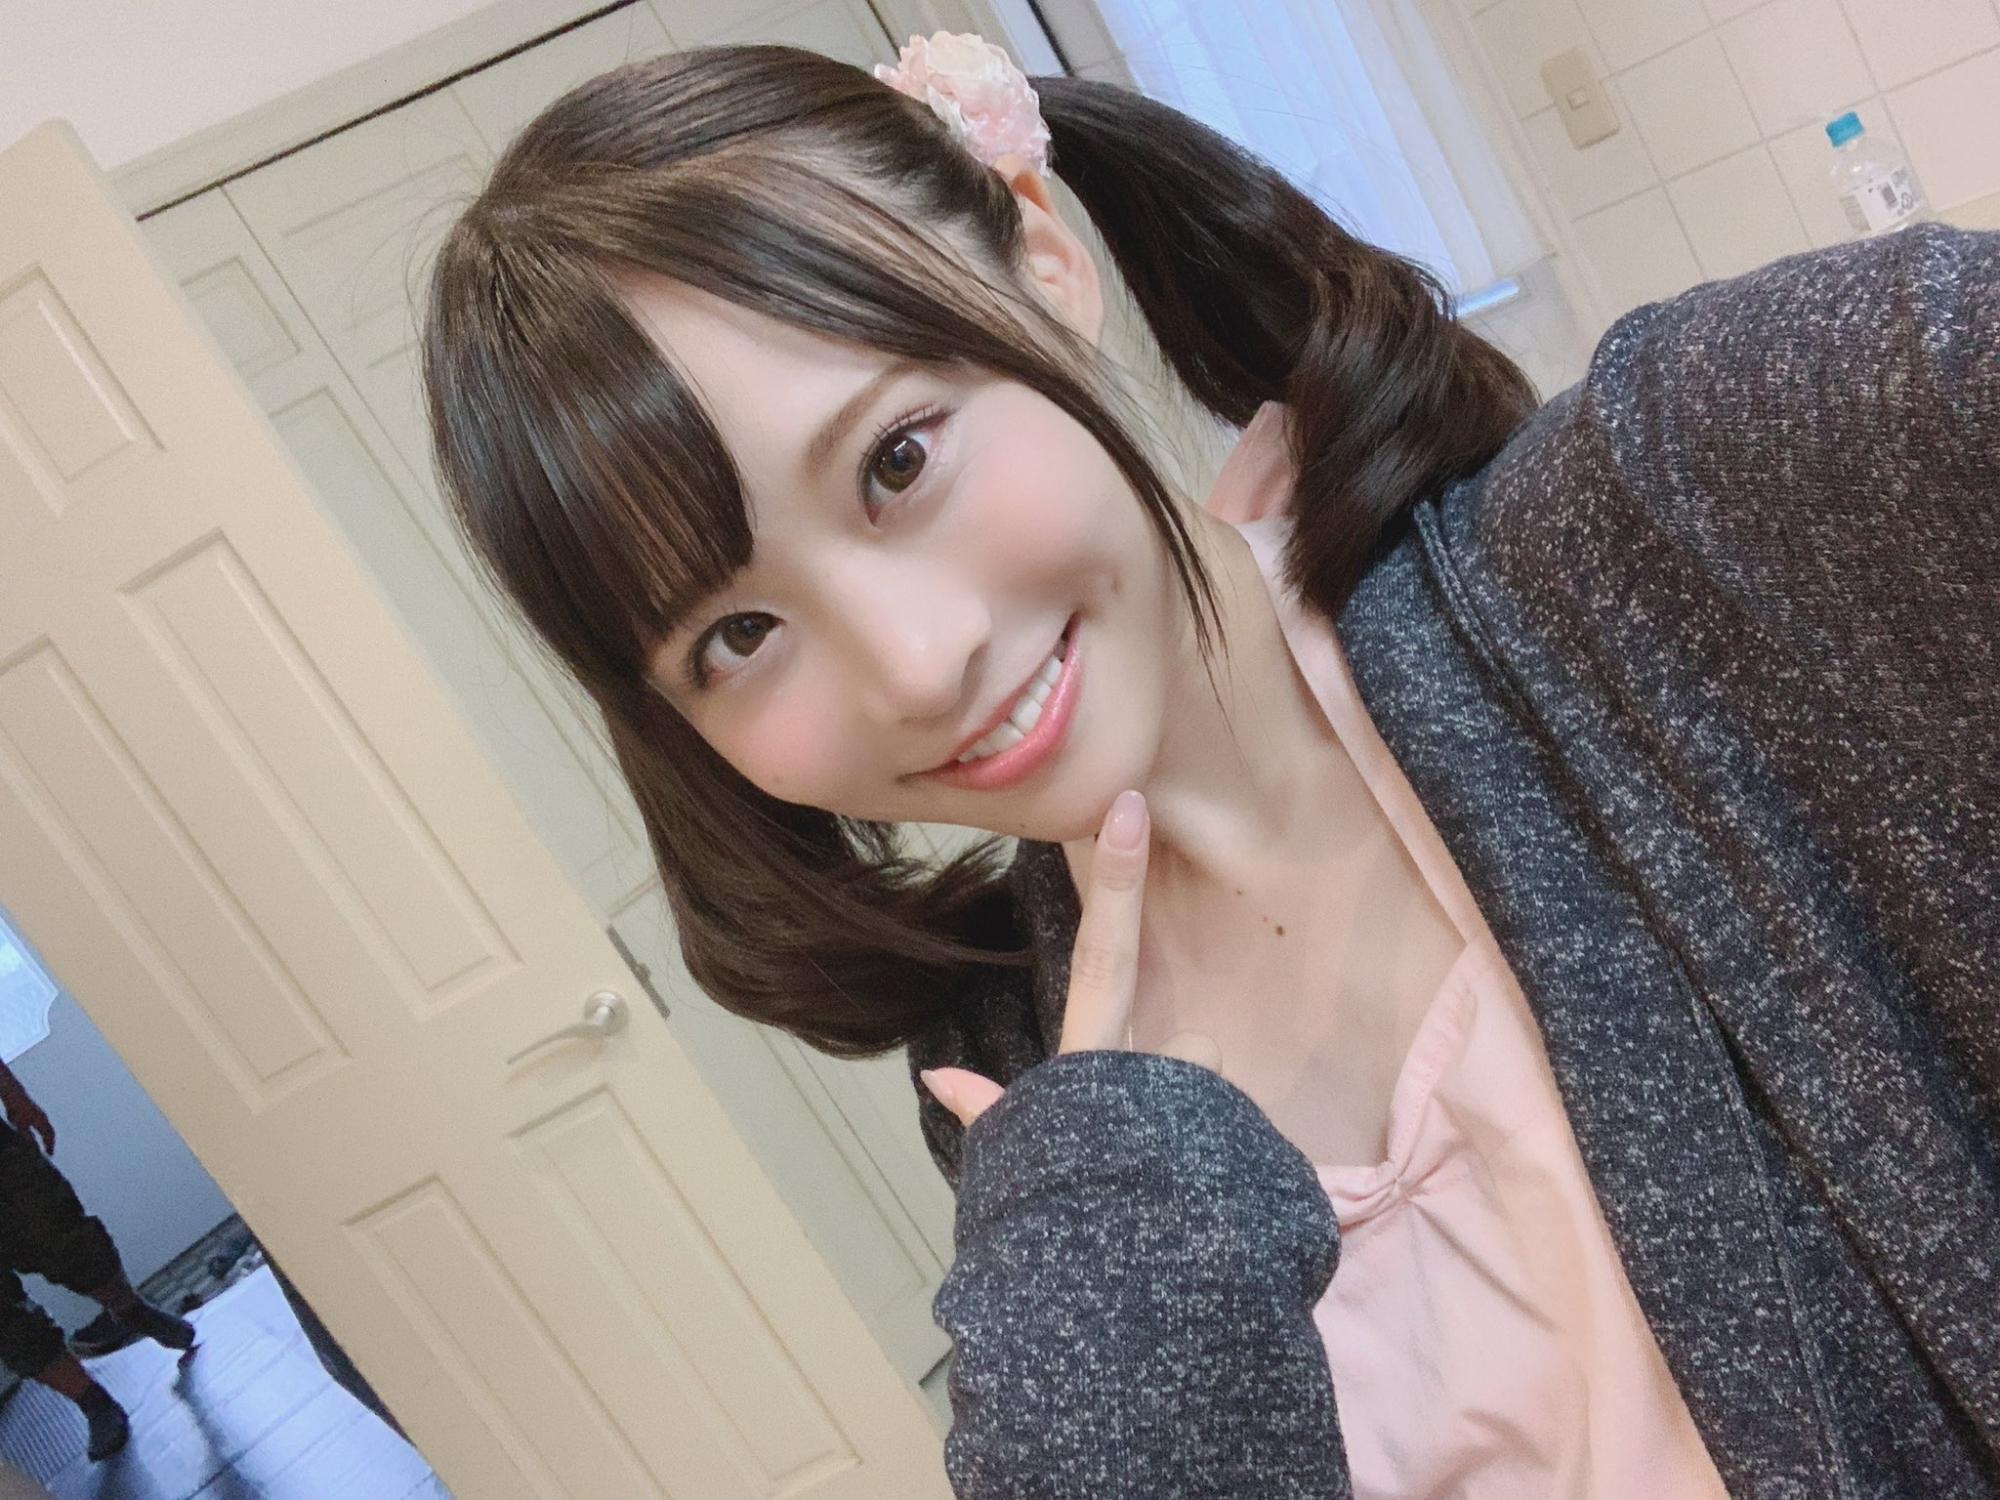 หนังAV SSNI-789 Yoshioka-Hiyori 家族が旅行で不在の間、娘の友達とハメまくりました。 PWD aoxx69